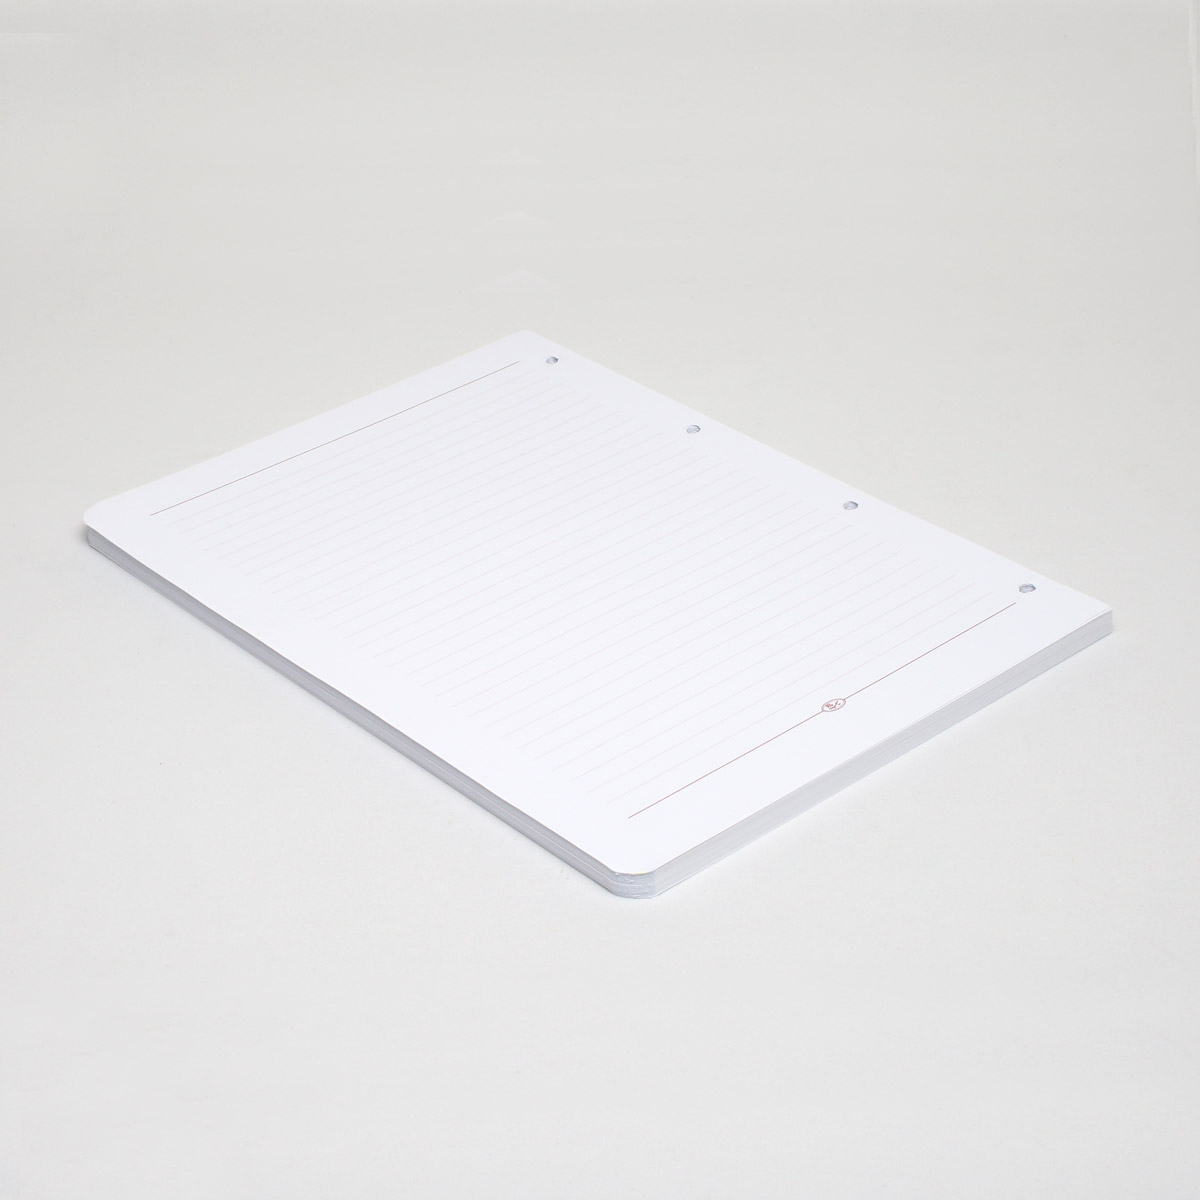 کاغذ کلاسور 4 حلقه تحریر خط دار بسته 80 برگی